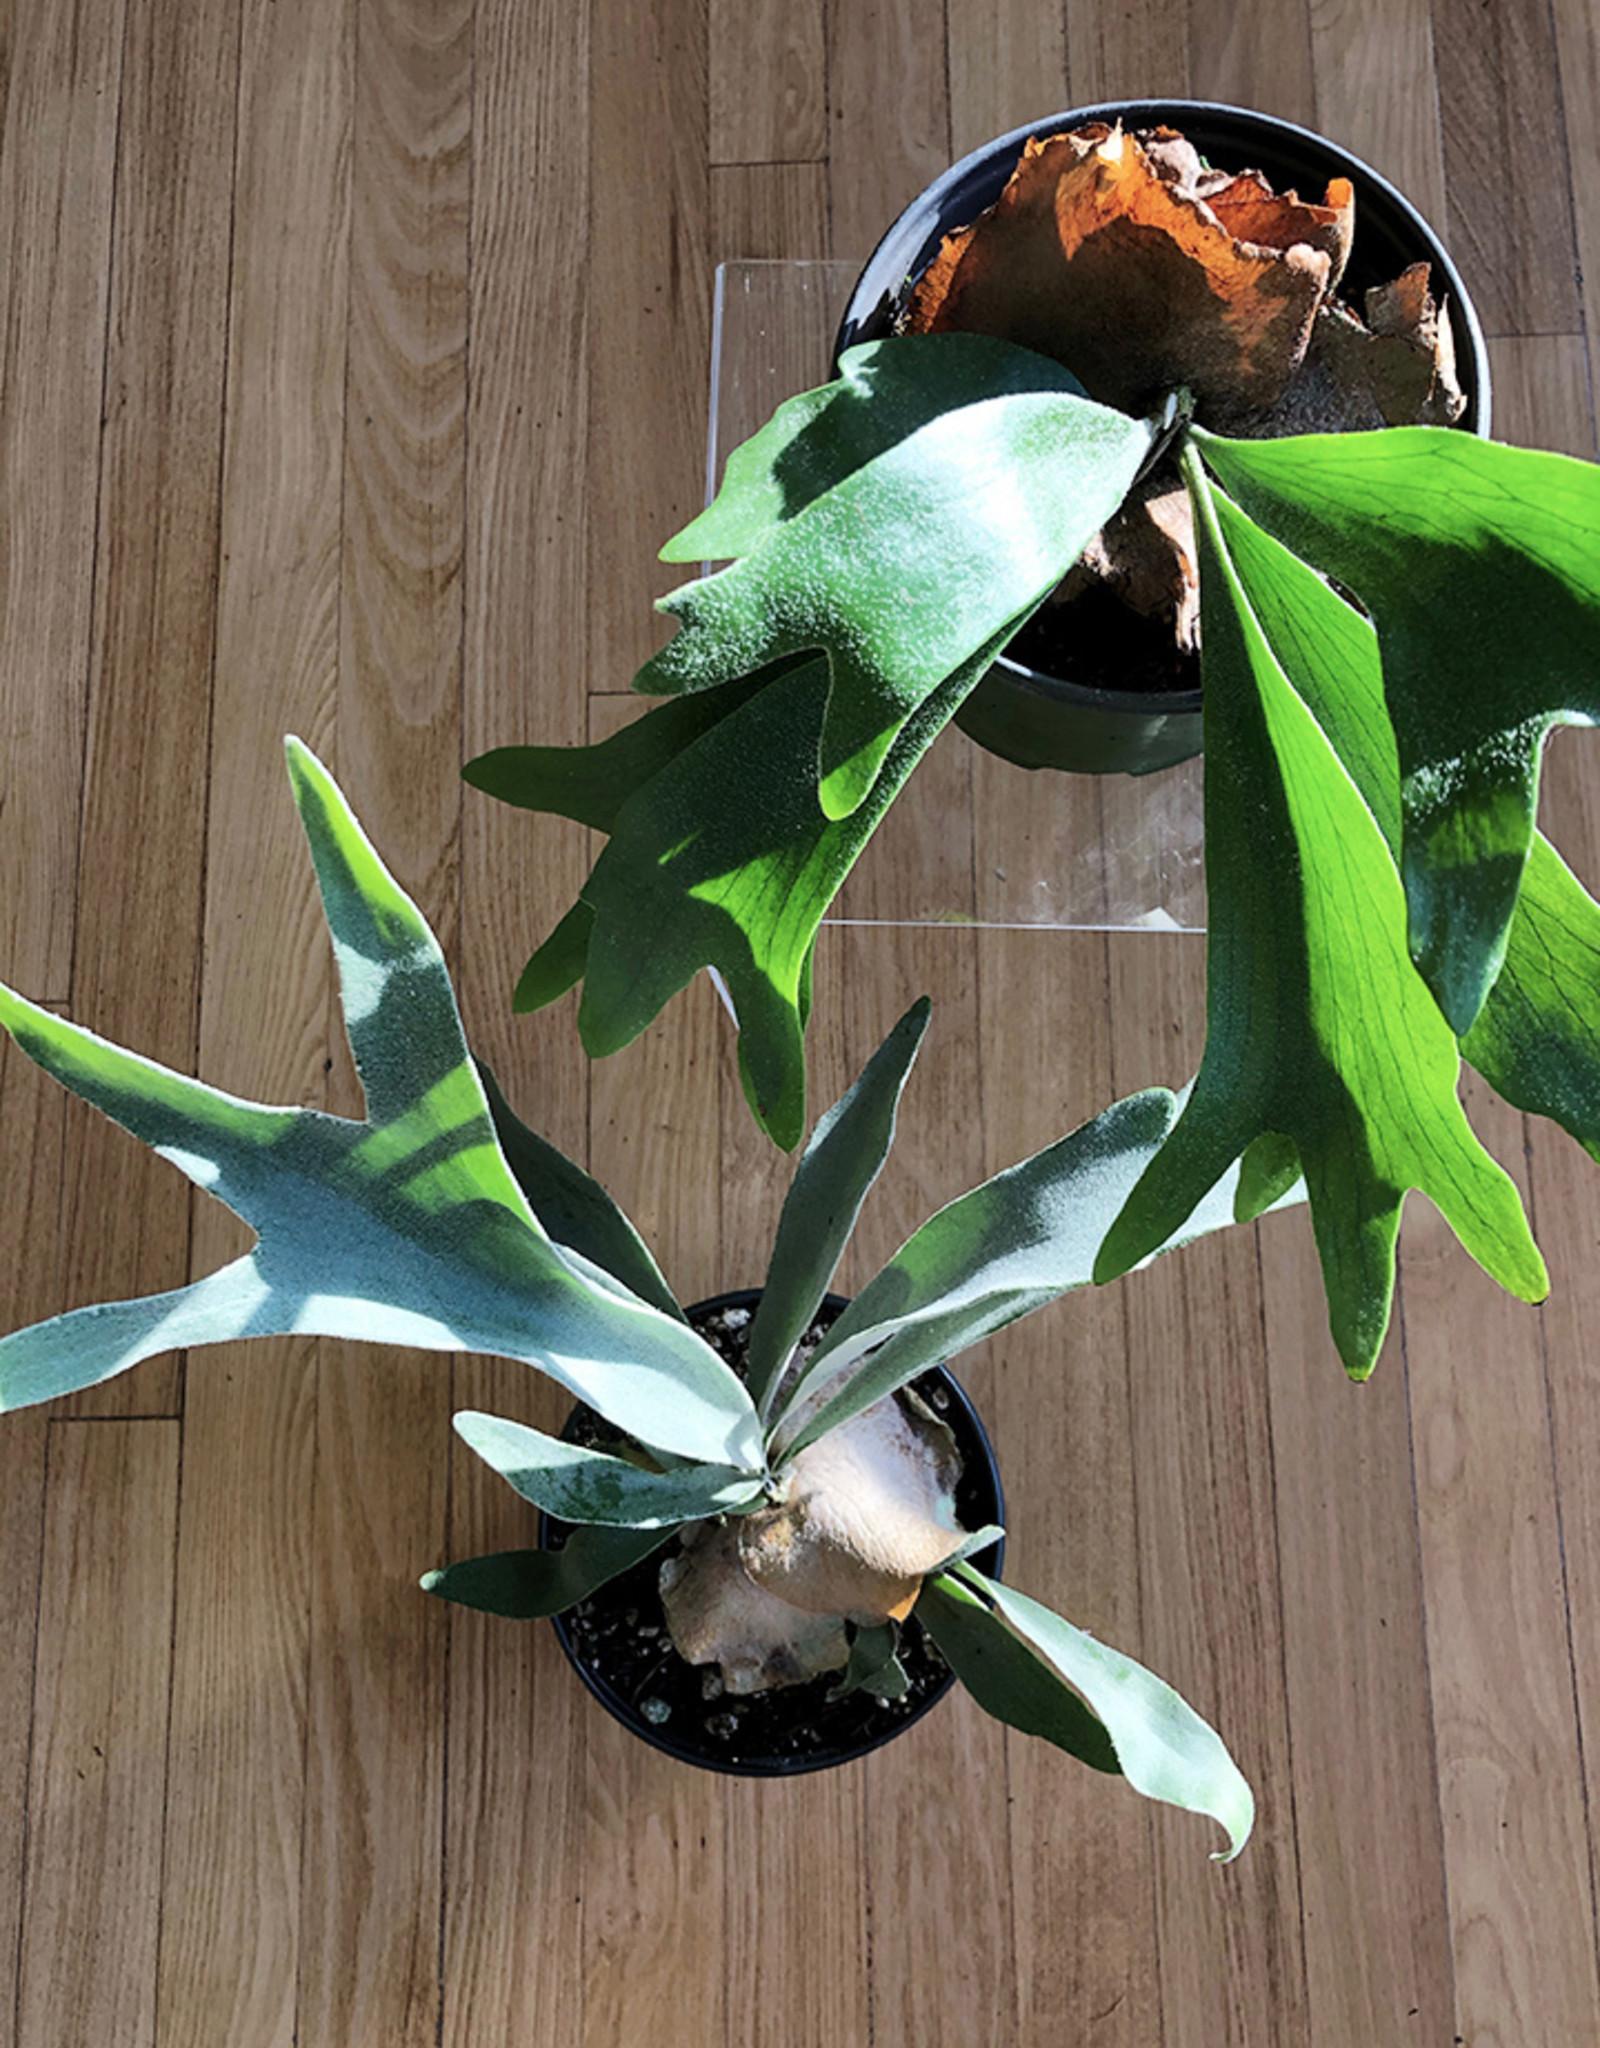 Curio Polypodiaceae Platycerium, 'Staghorn Fern'